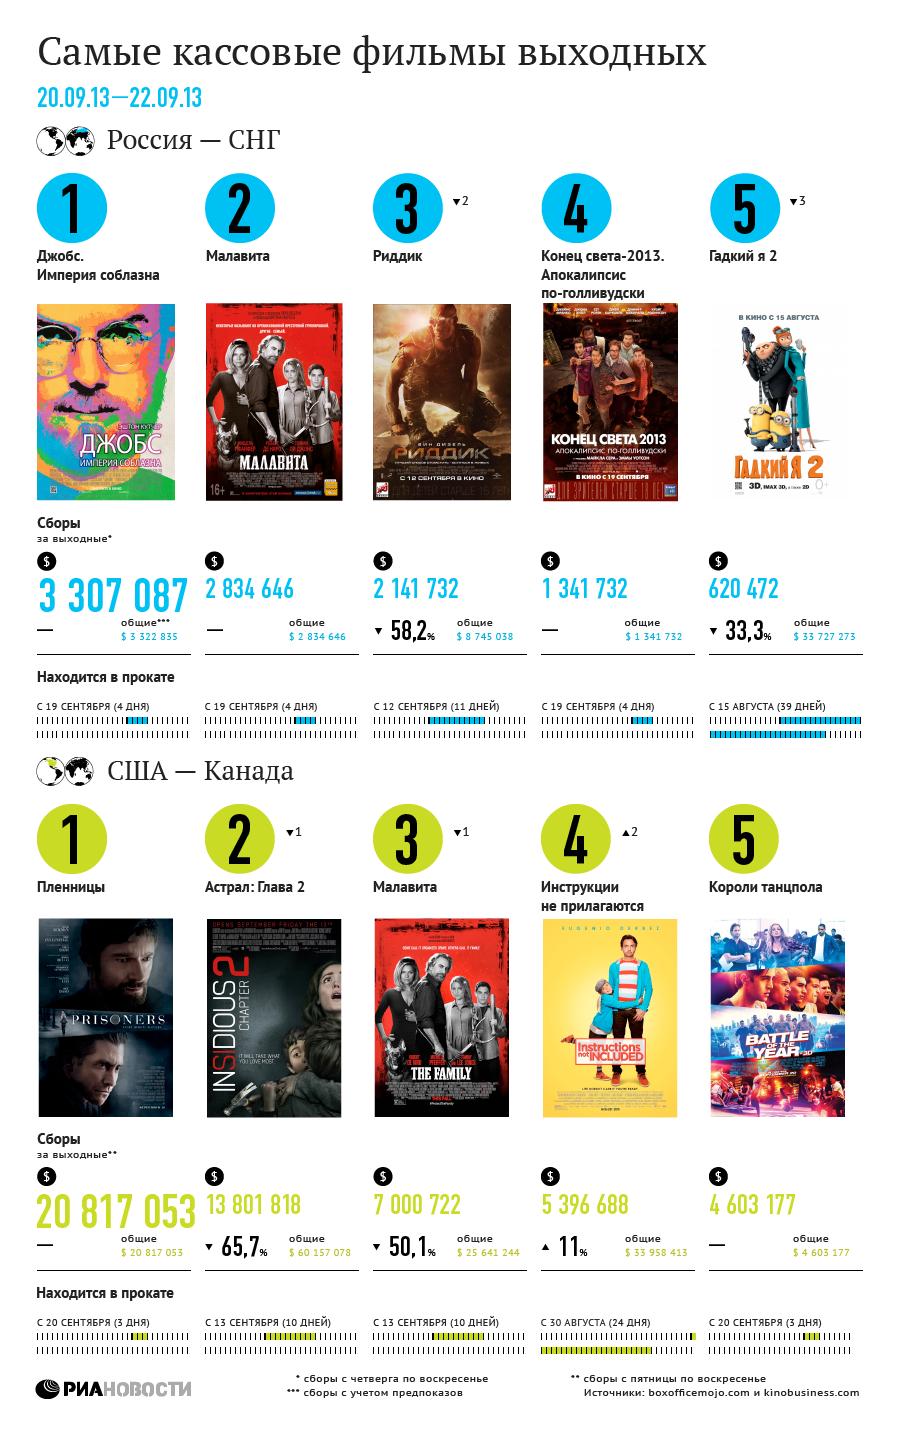 Самые кассовые фильмы выходных (20-22 сентября)